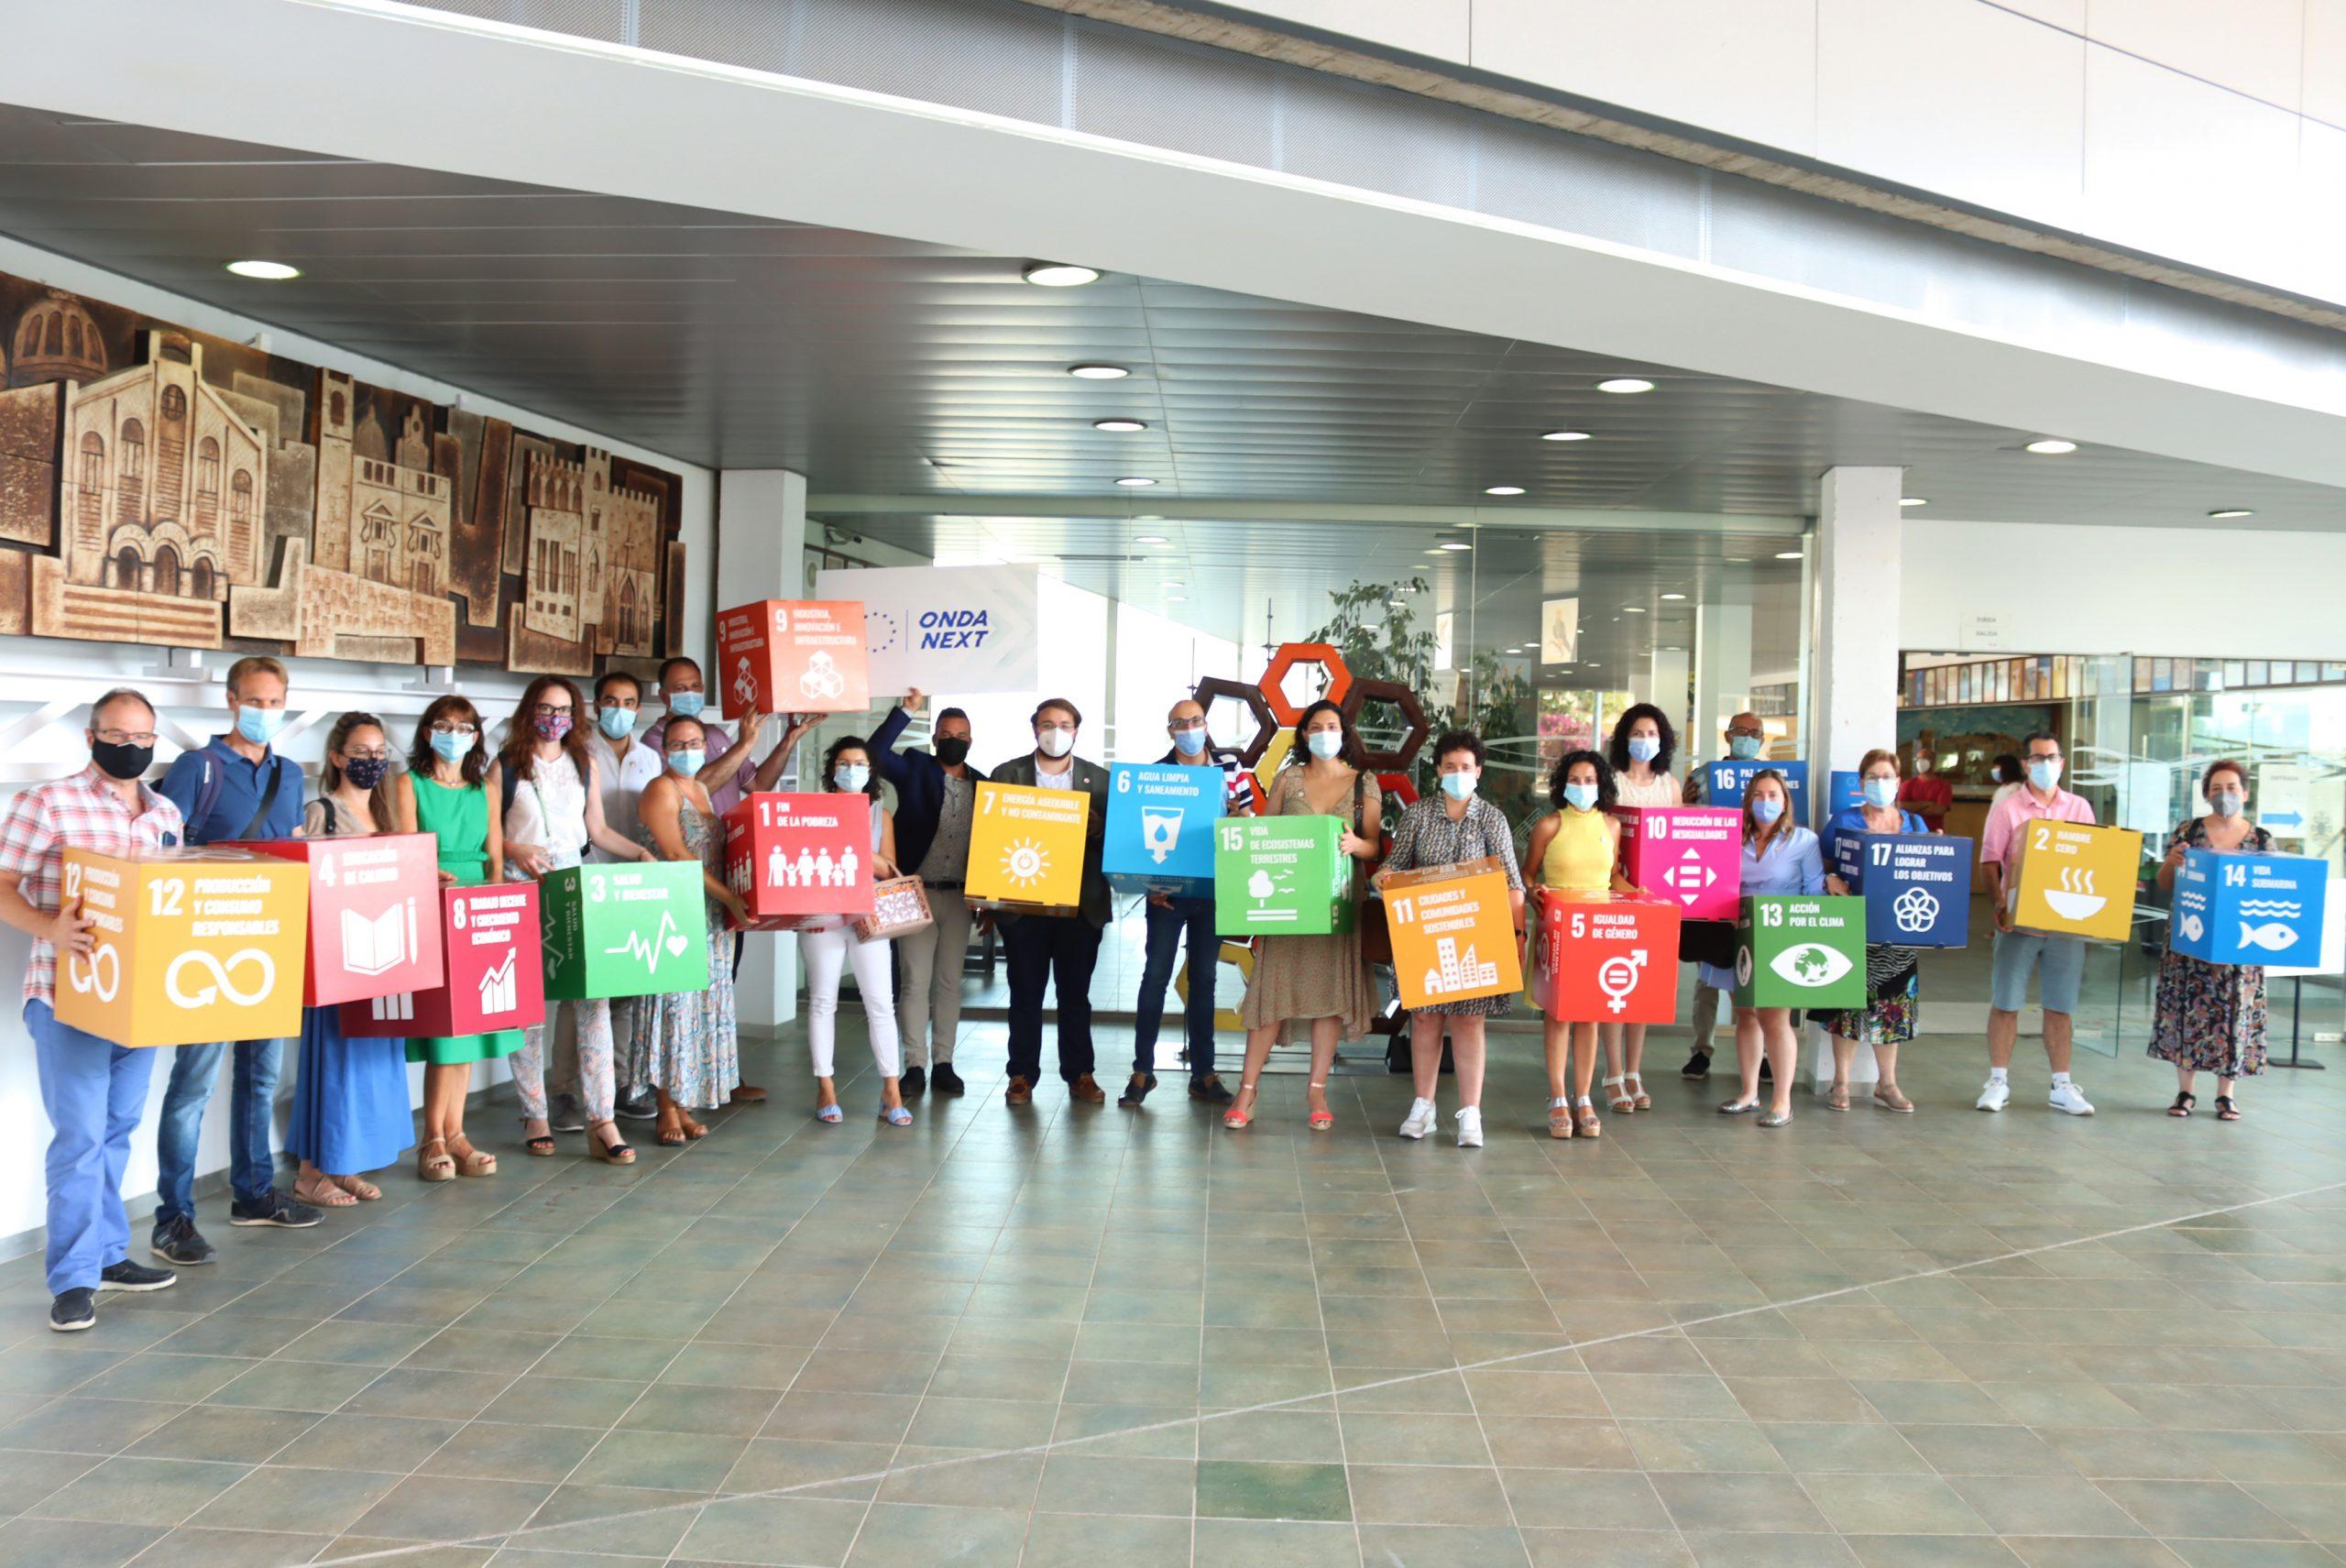 Onda presenta su hoja de ruta sostenible y proyectos candidatos al plan de recuperación europeo Next Generation